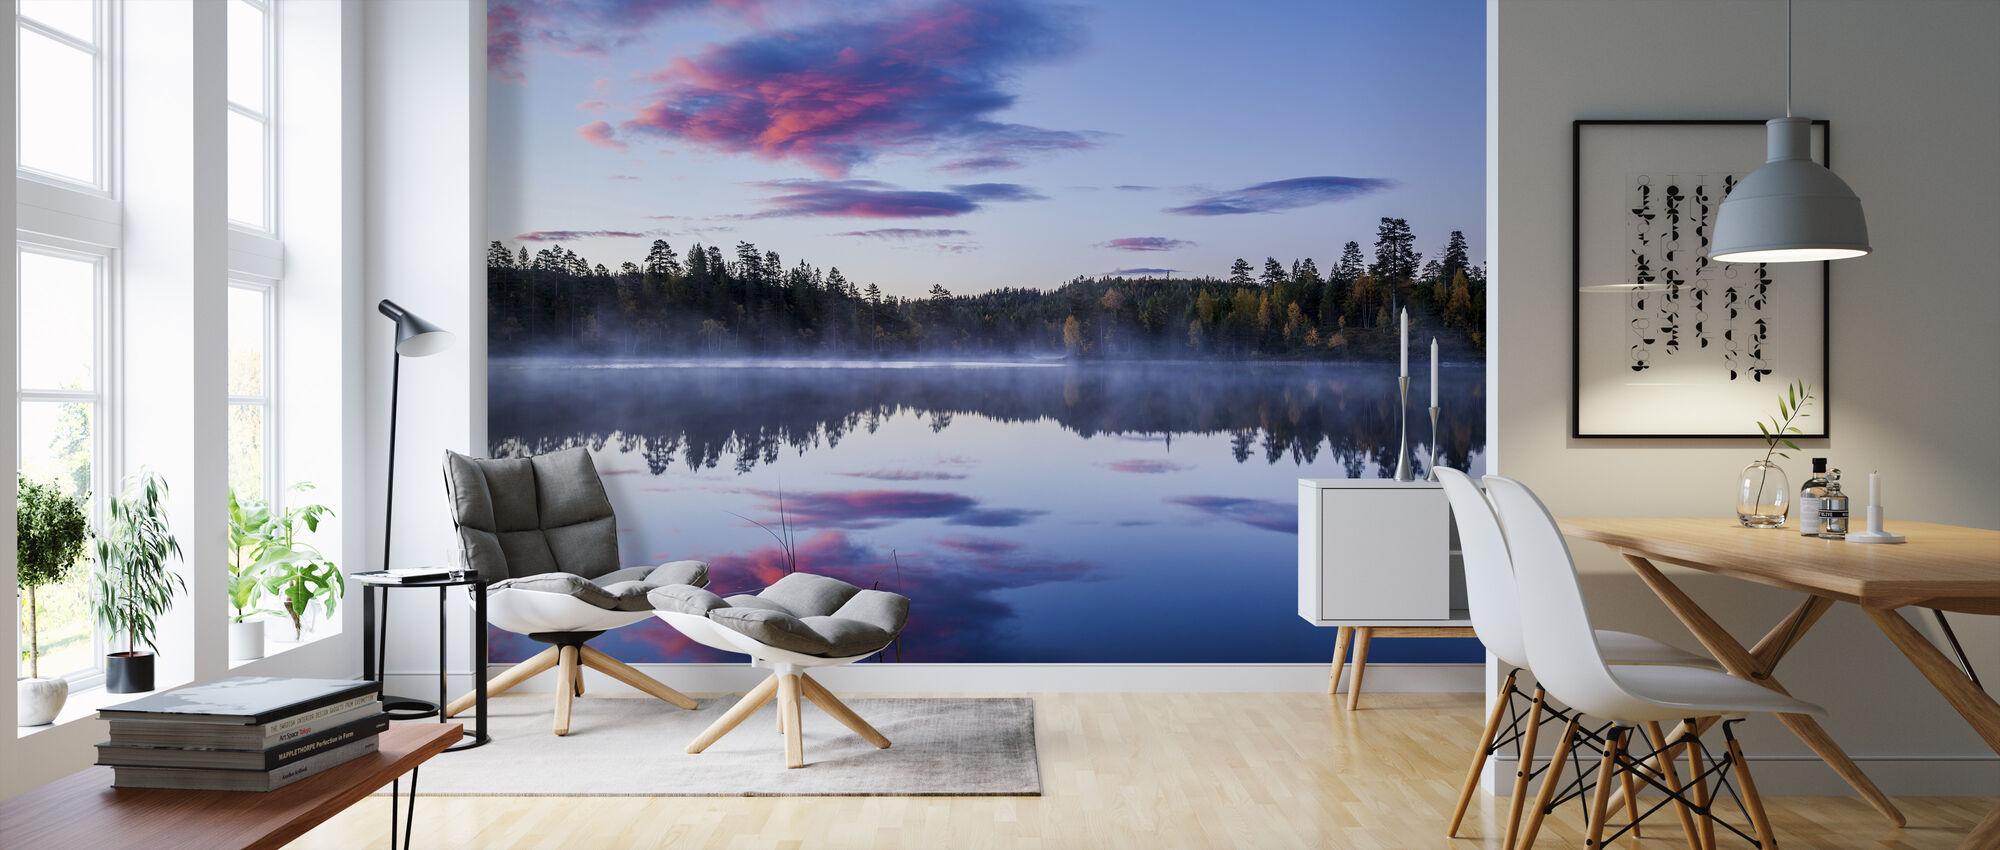 Norwegian Morning - Wallpaper - Living Room